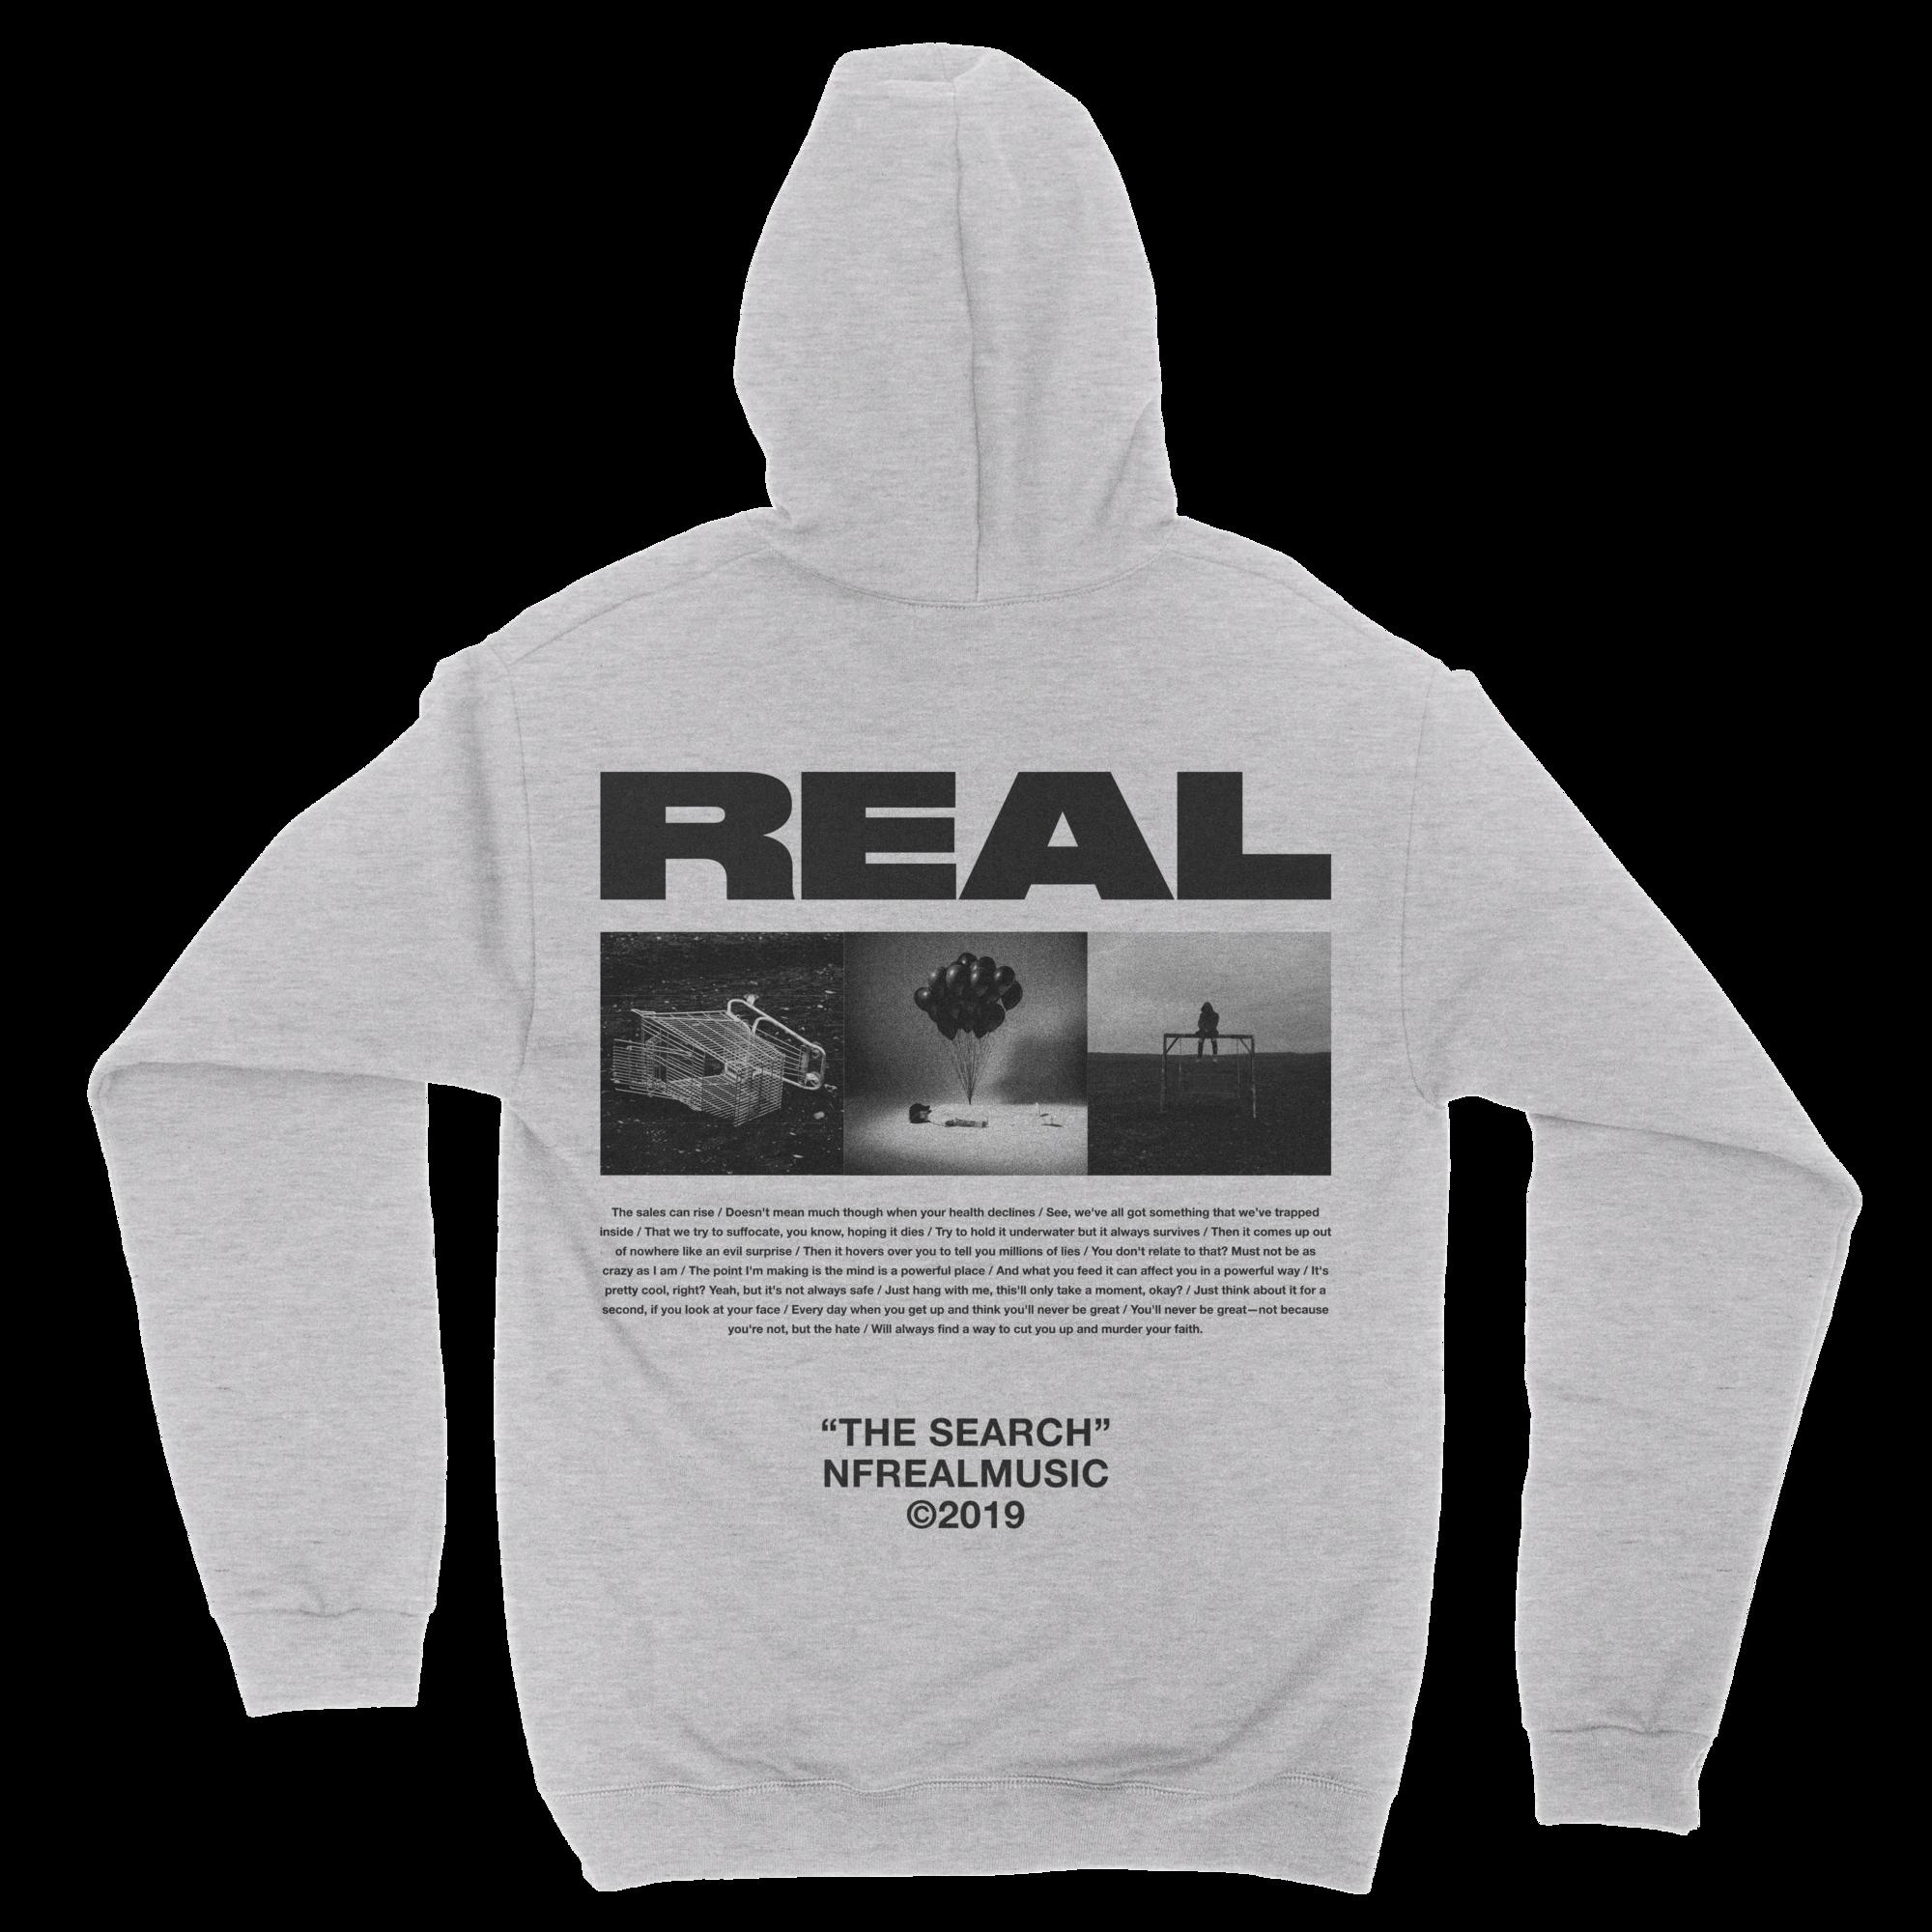 REAL Image Logo Hoodie Hoodies, Nf real, Graphic sweatshirt